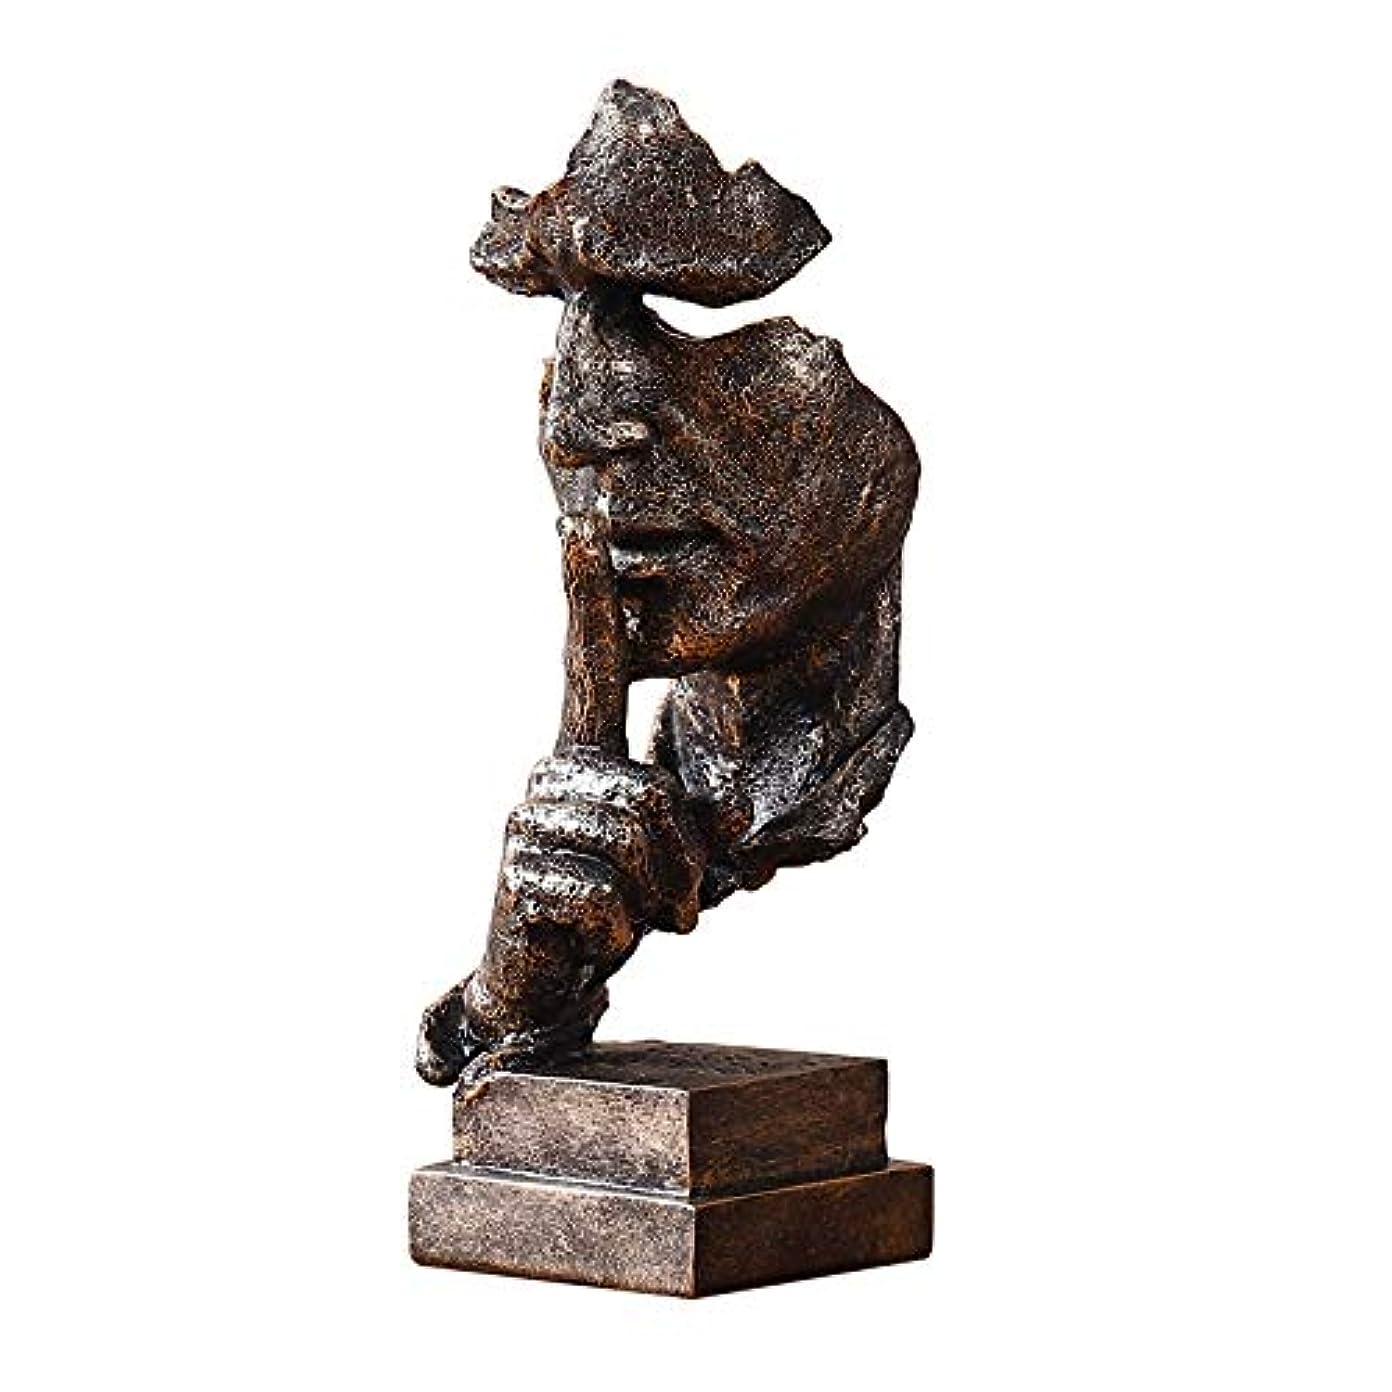 ほこりヒント結婚式樹脂抽象彫刻沈黙はゴールデン男性像キャラクター工芸品装飾用オフィスリビングルームアートワーク,Bronze